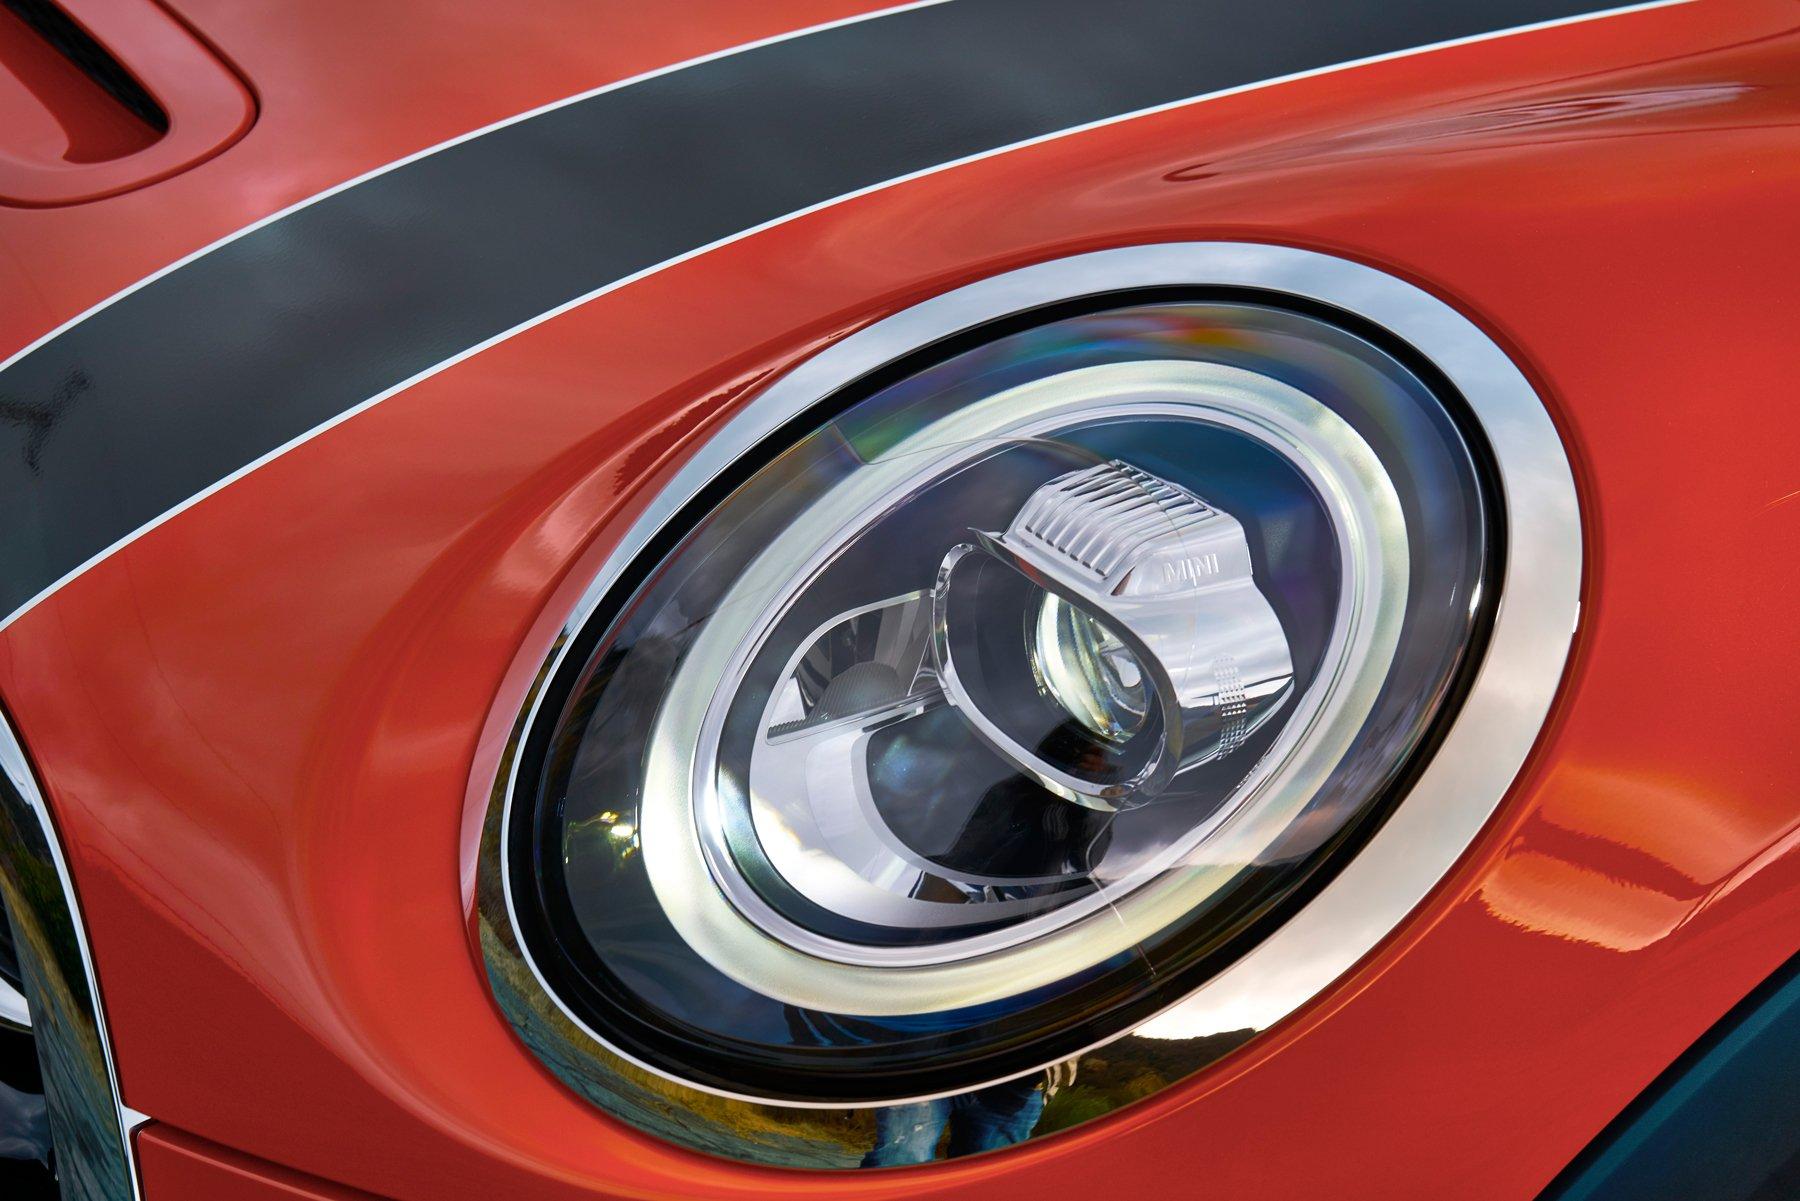 MINI F56 Facelift mit Union Jack Rückleuchten & weiteren Neuigkeiten